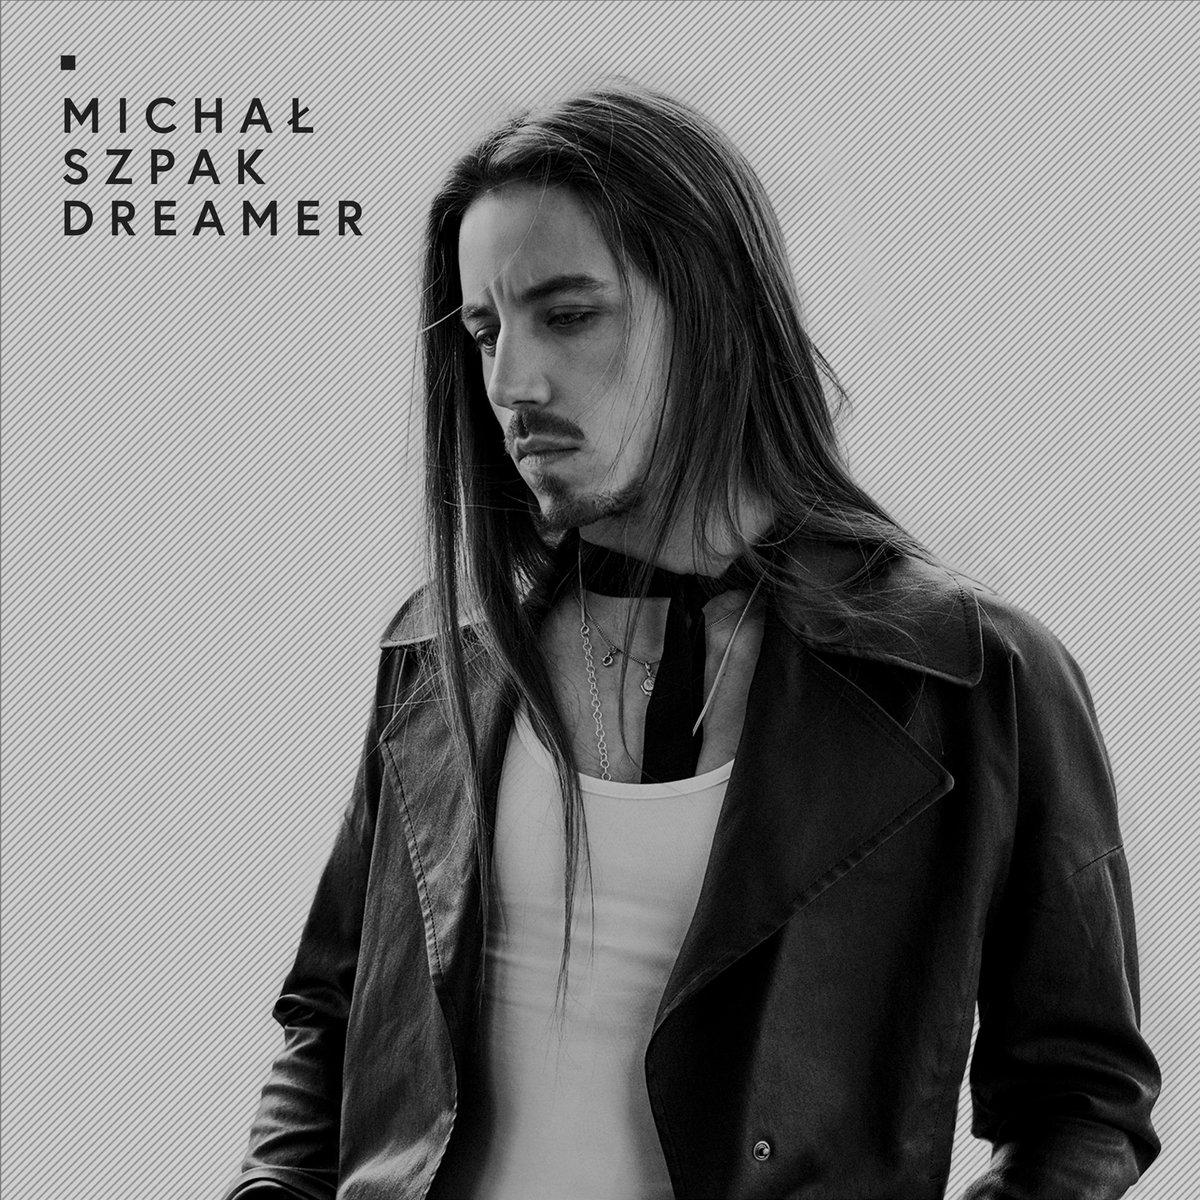 SZPAK MICHAŁ – Dreamer